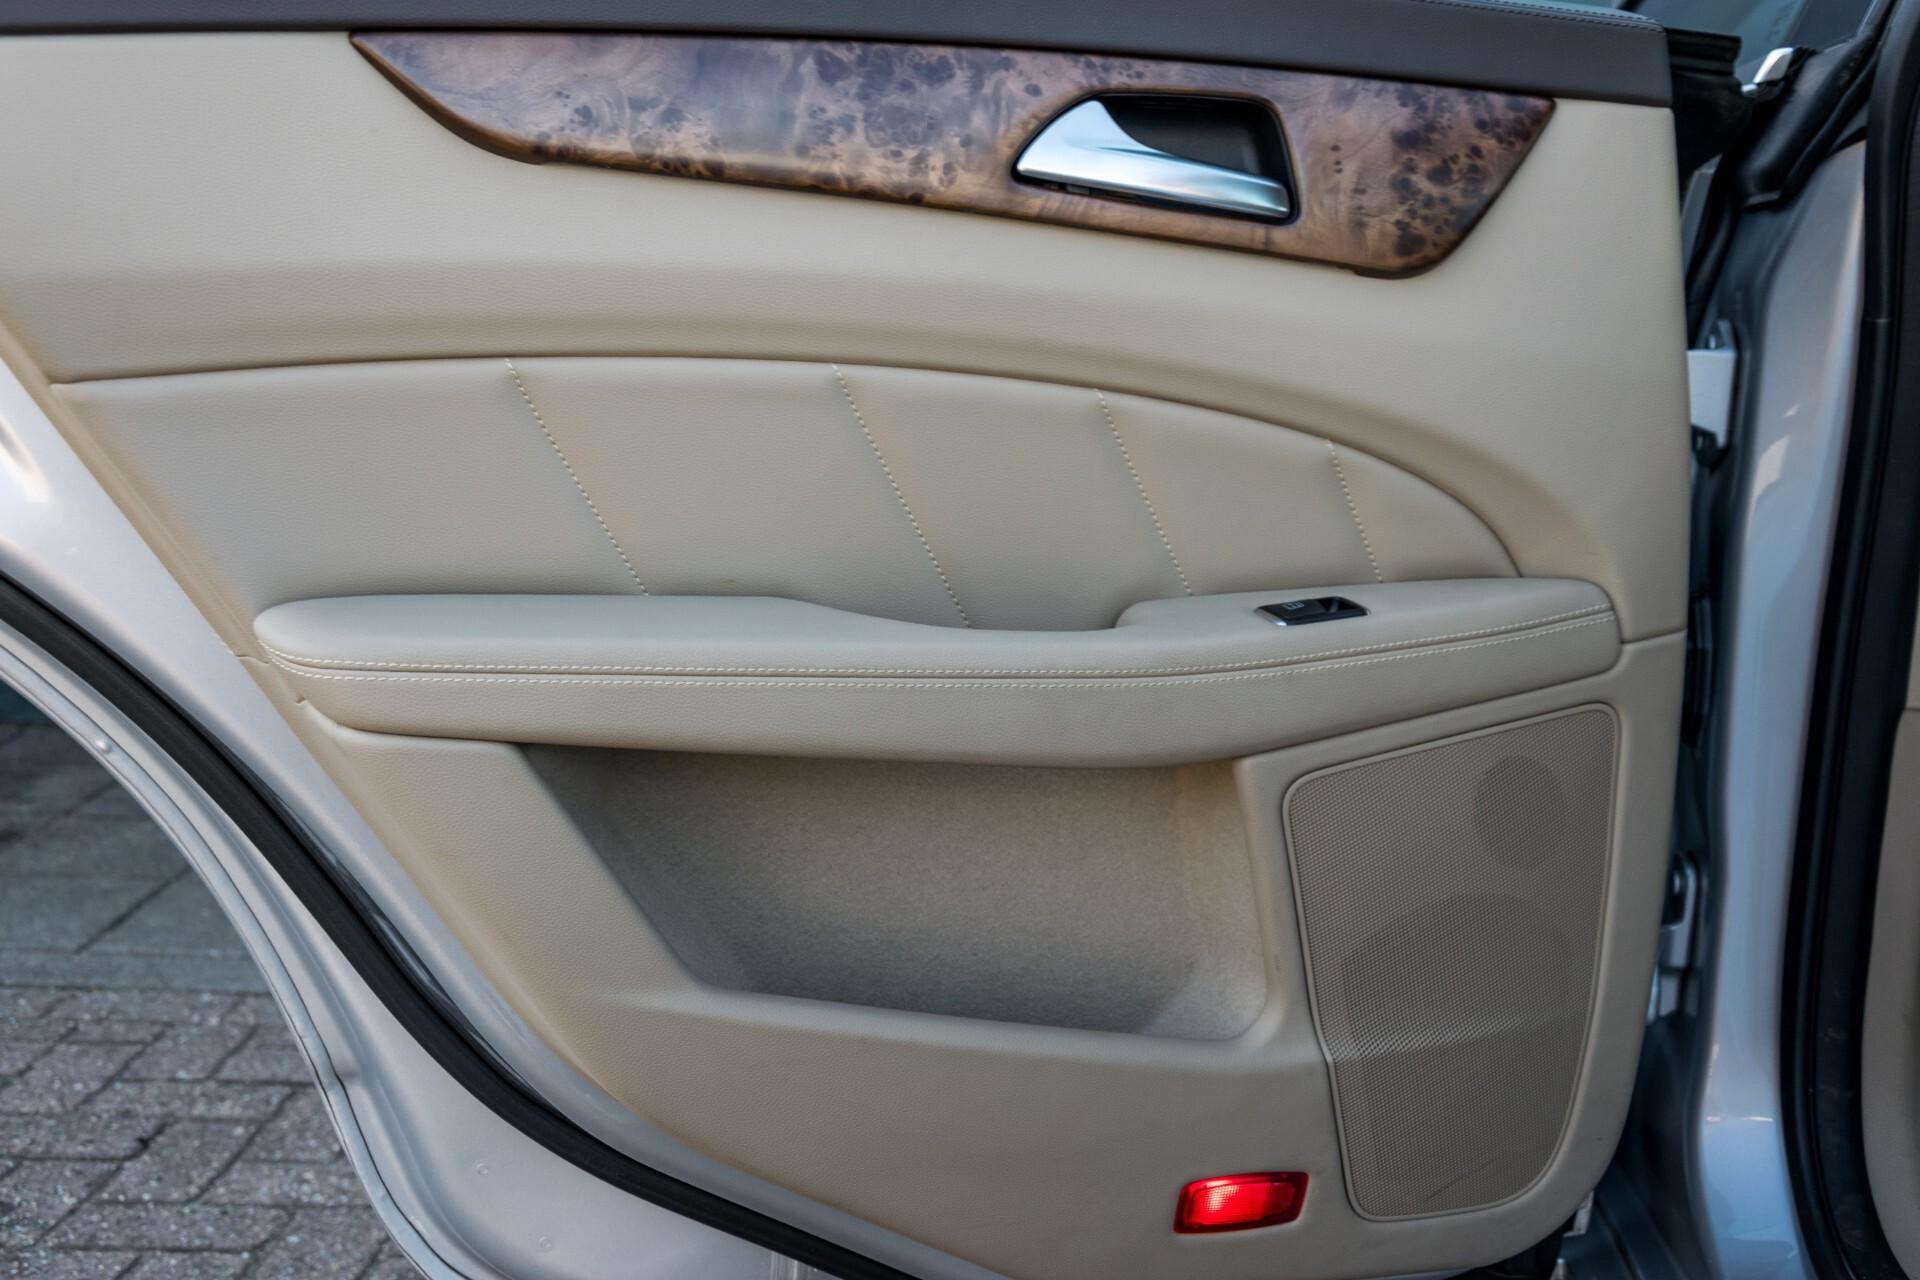 Mercedes-Benz CLS-Klasse 350 Cdi Luchtvering/Distronic/Nachtzicht/AMG/Comand/ILS Aut7 Foto 39